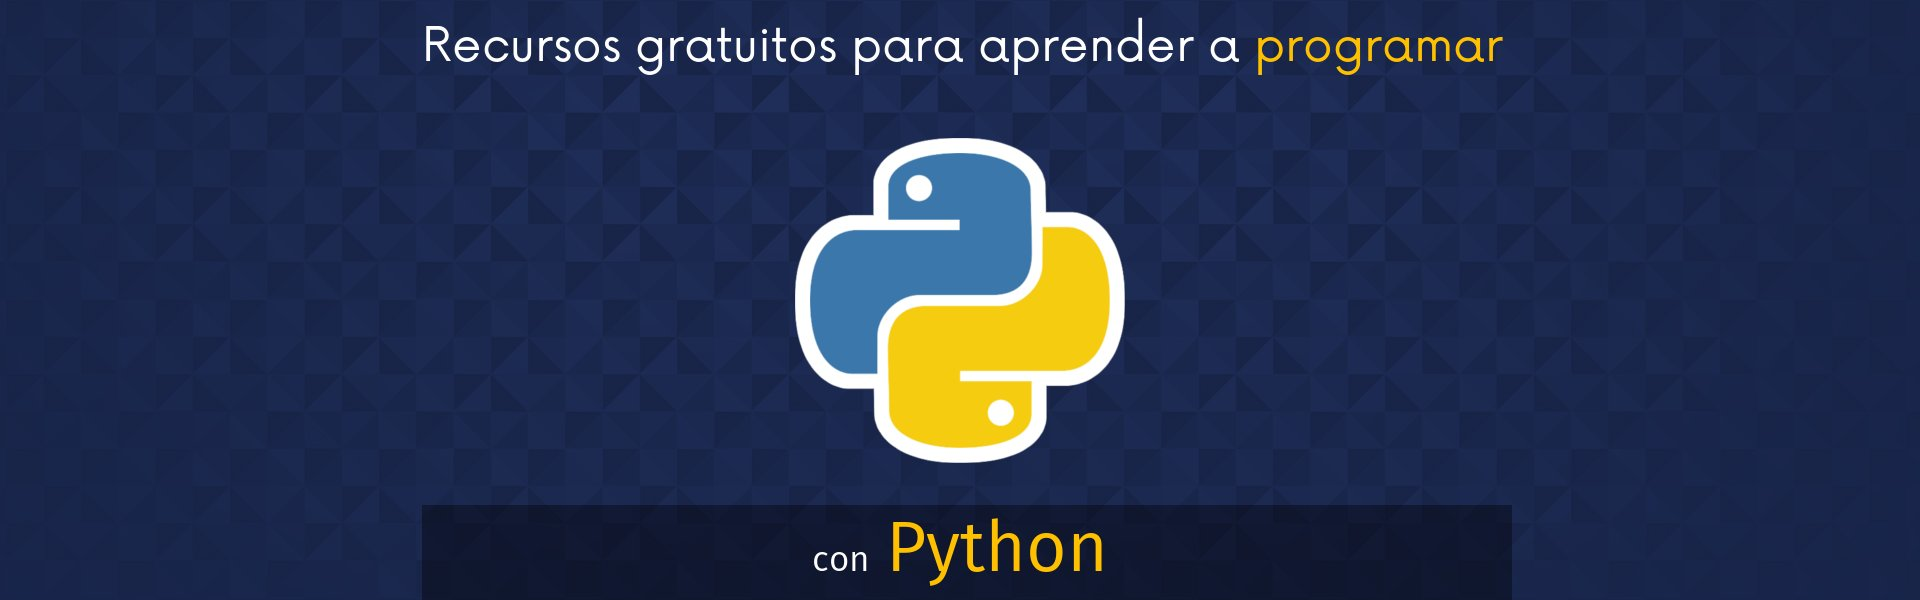 Aprender a programar con Python